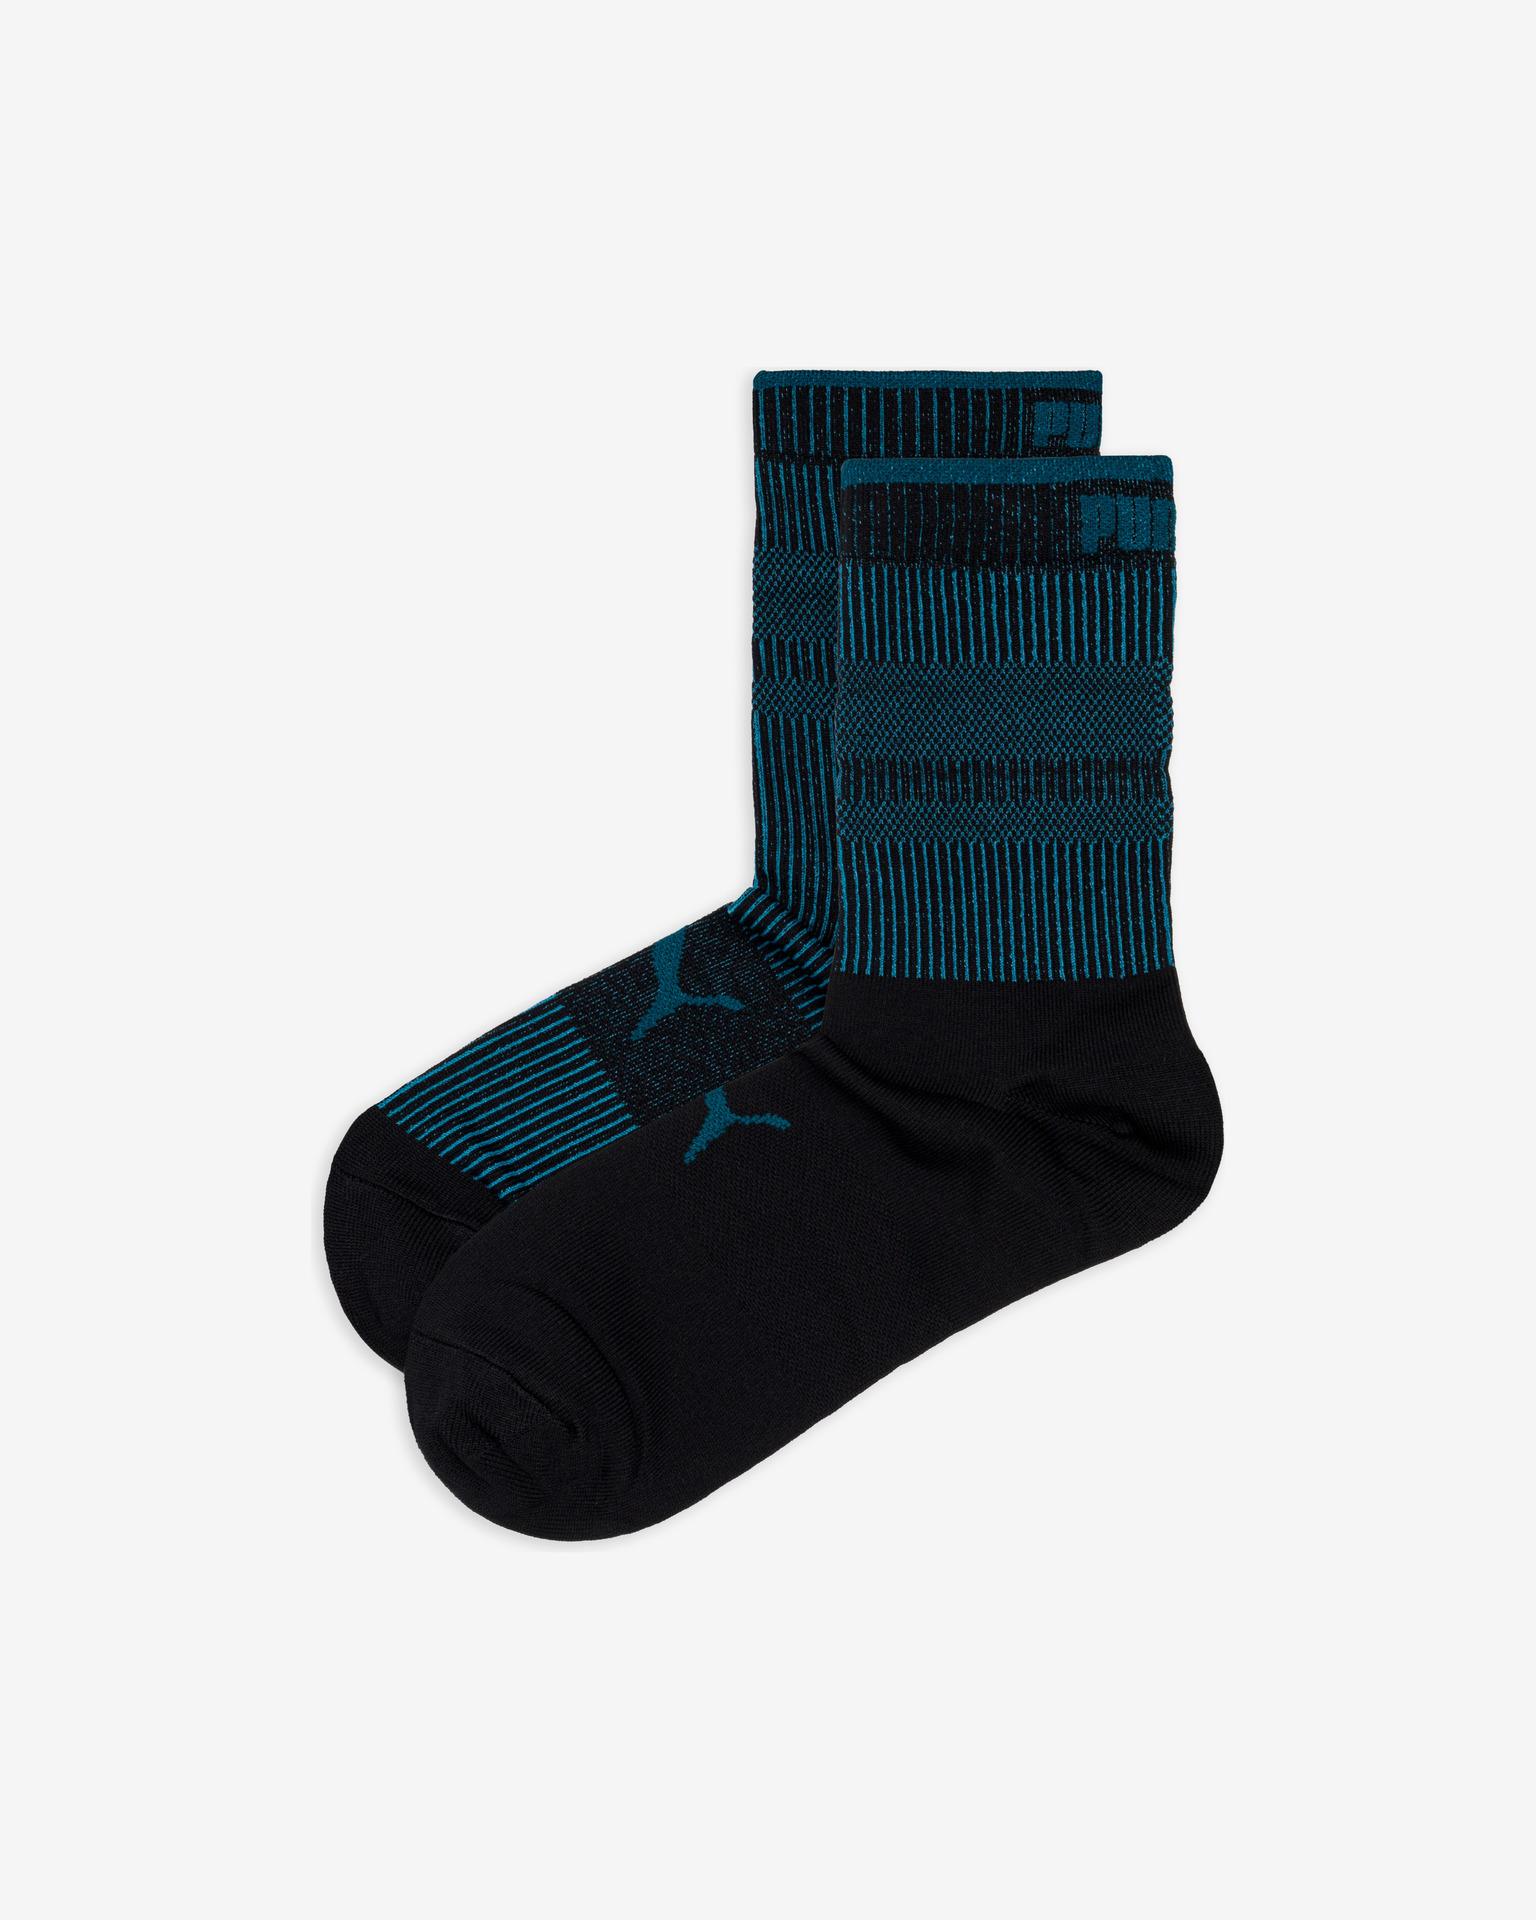 Puma Classic Ponožky 2 páry Čierna Modrá - 39-42